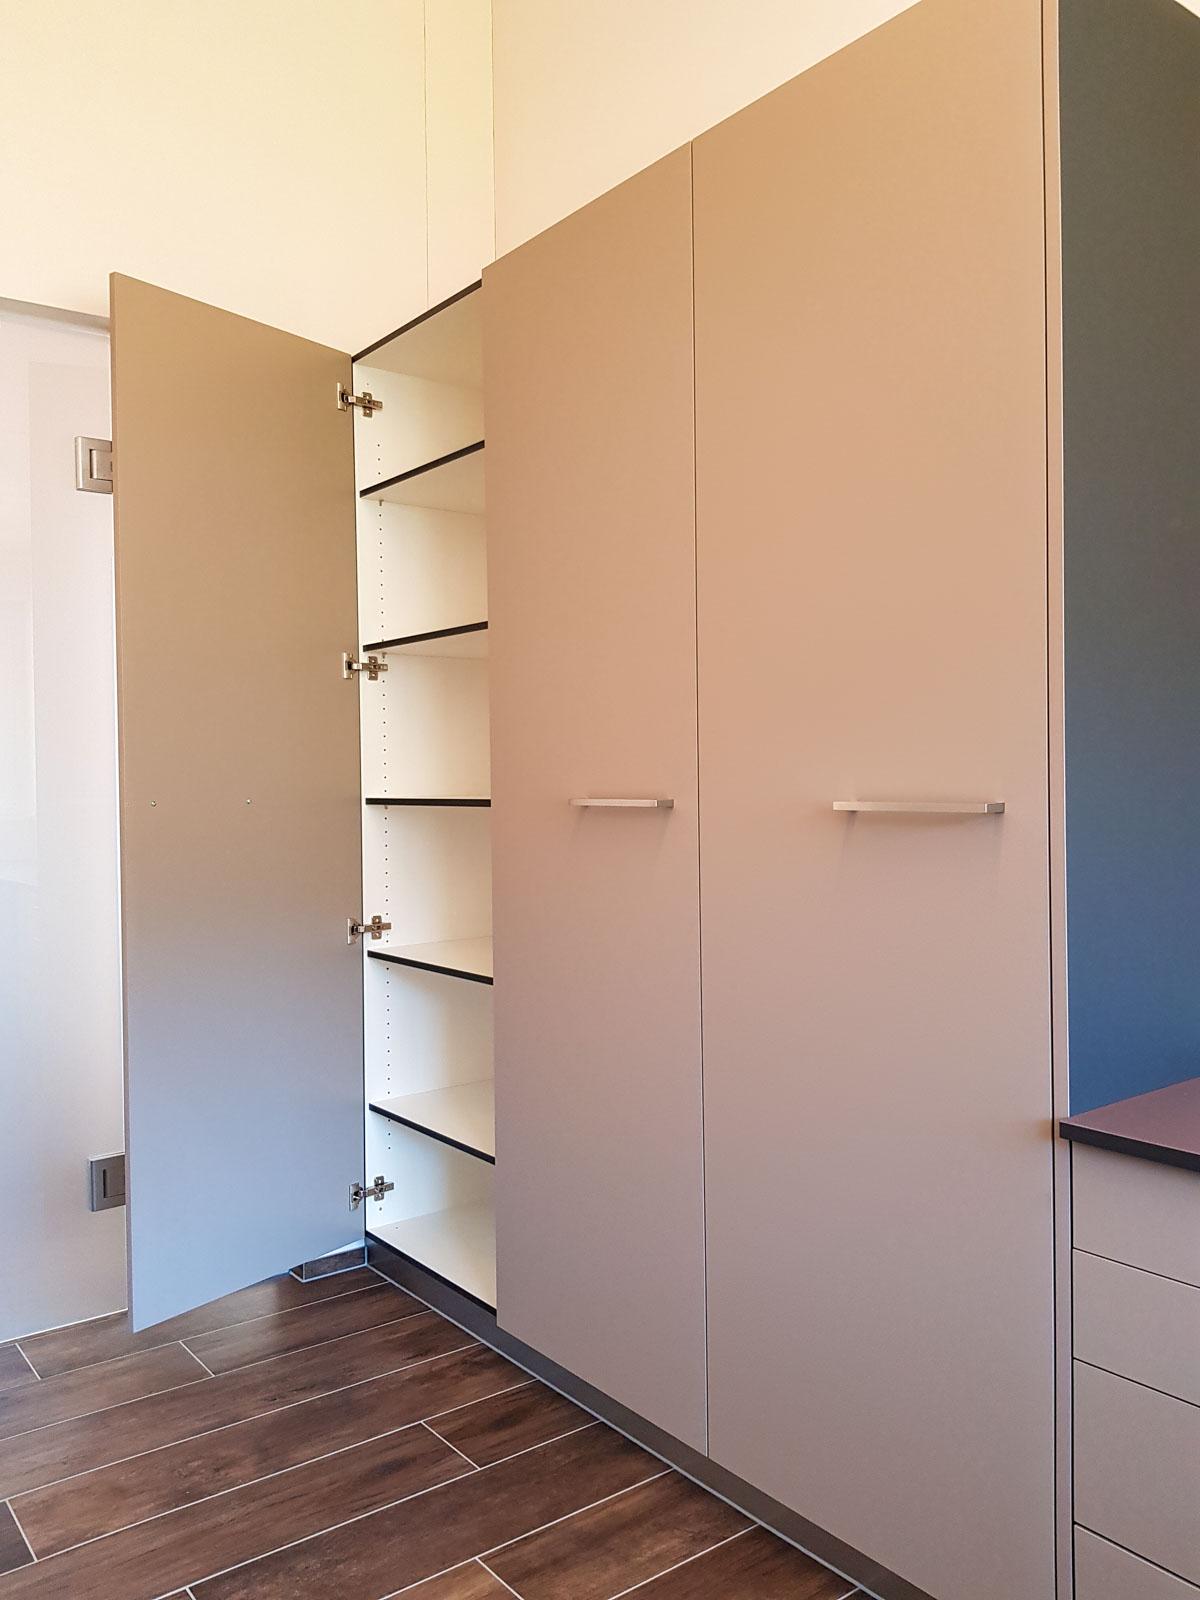 Wooddesign_Büro_Homeoffice_Schreibtisch_höhenverstellbar_Regal_Schubladen_Wandschrank_Glastüre (8)